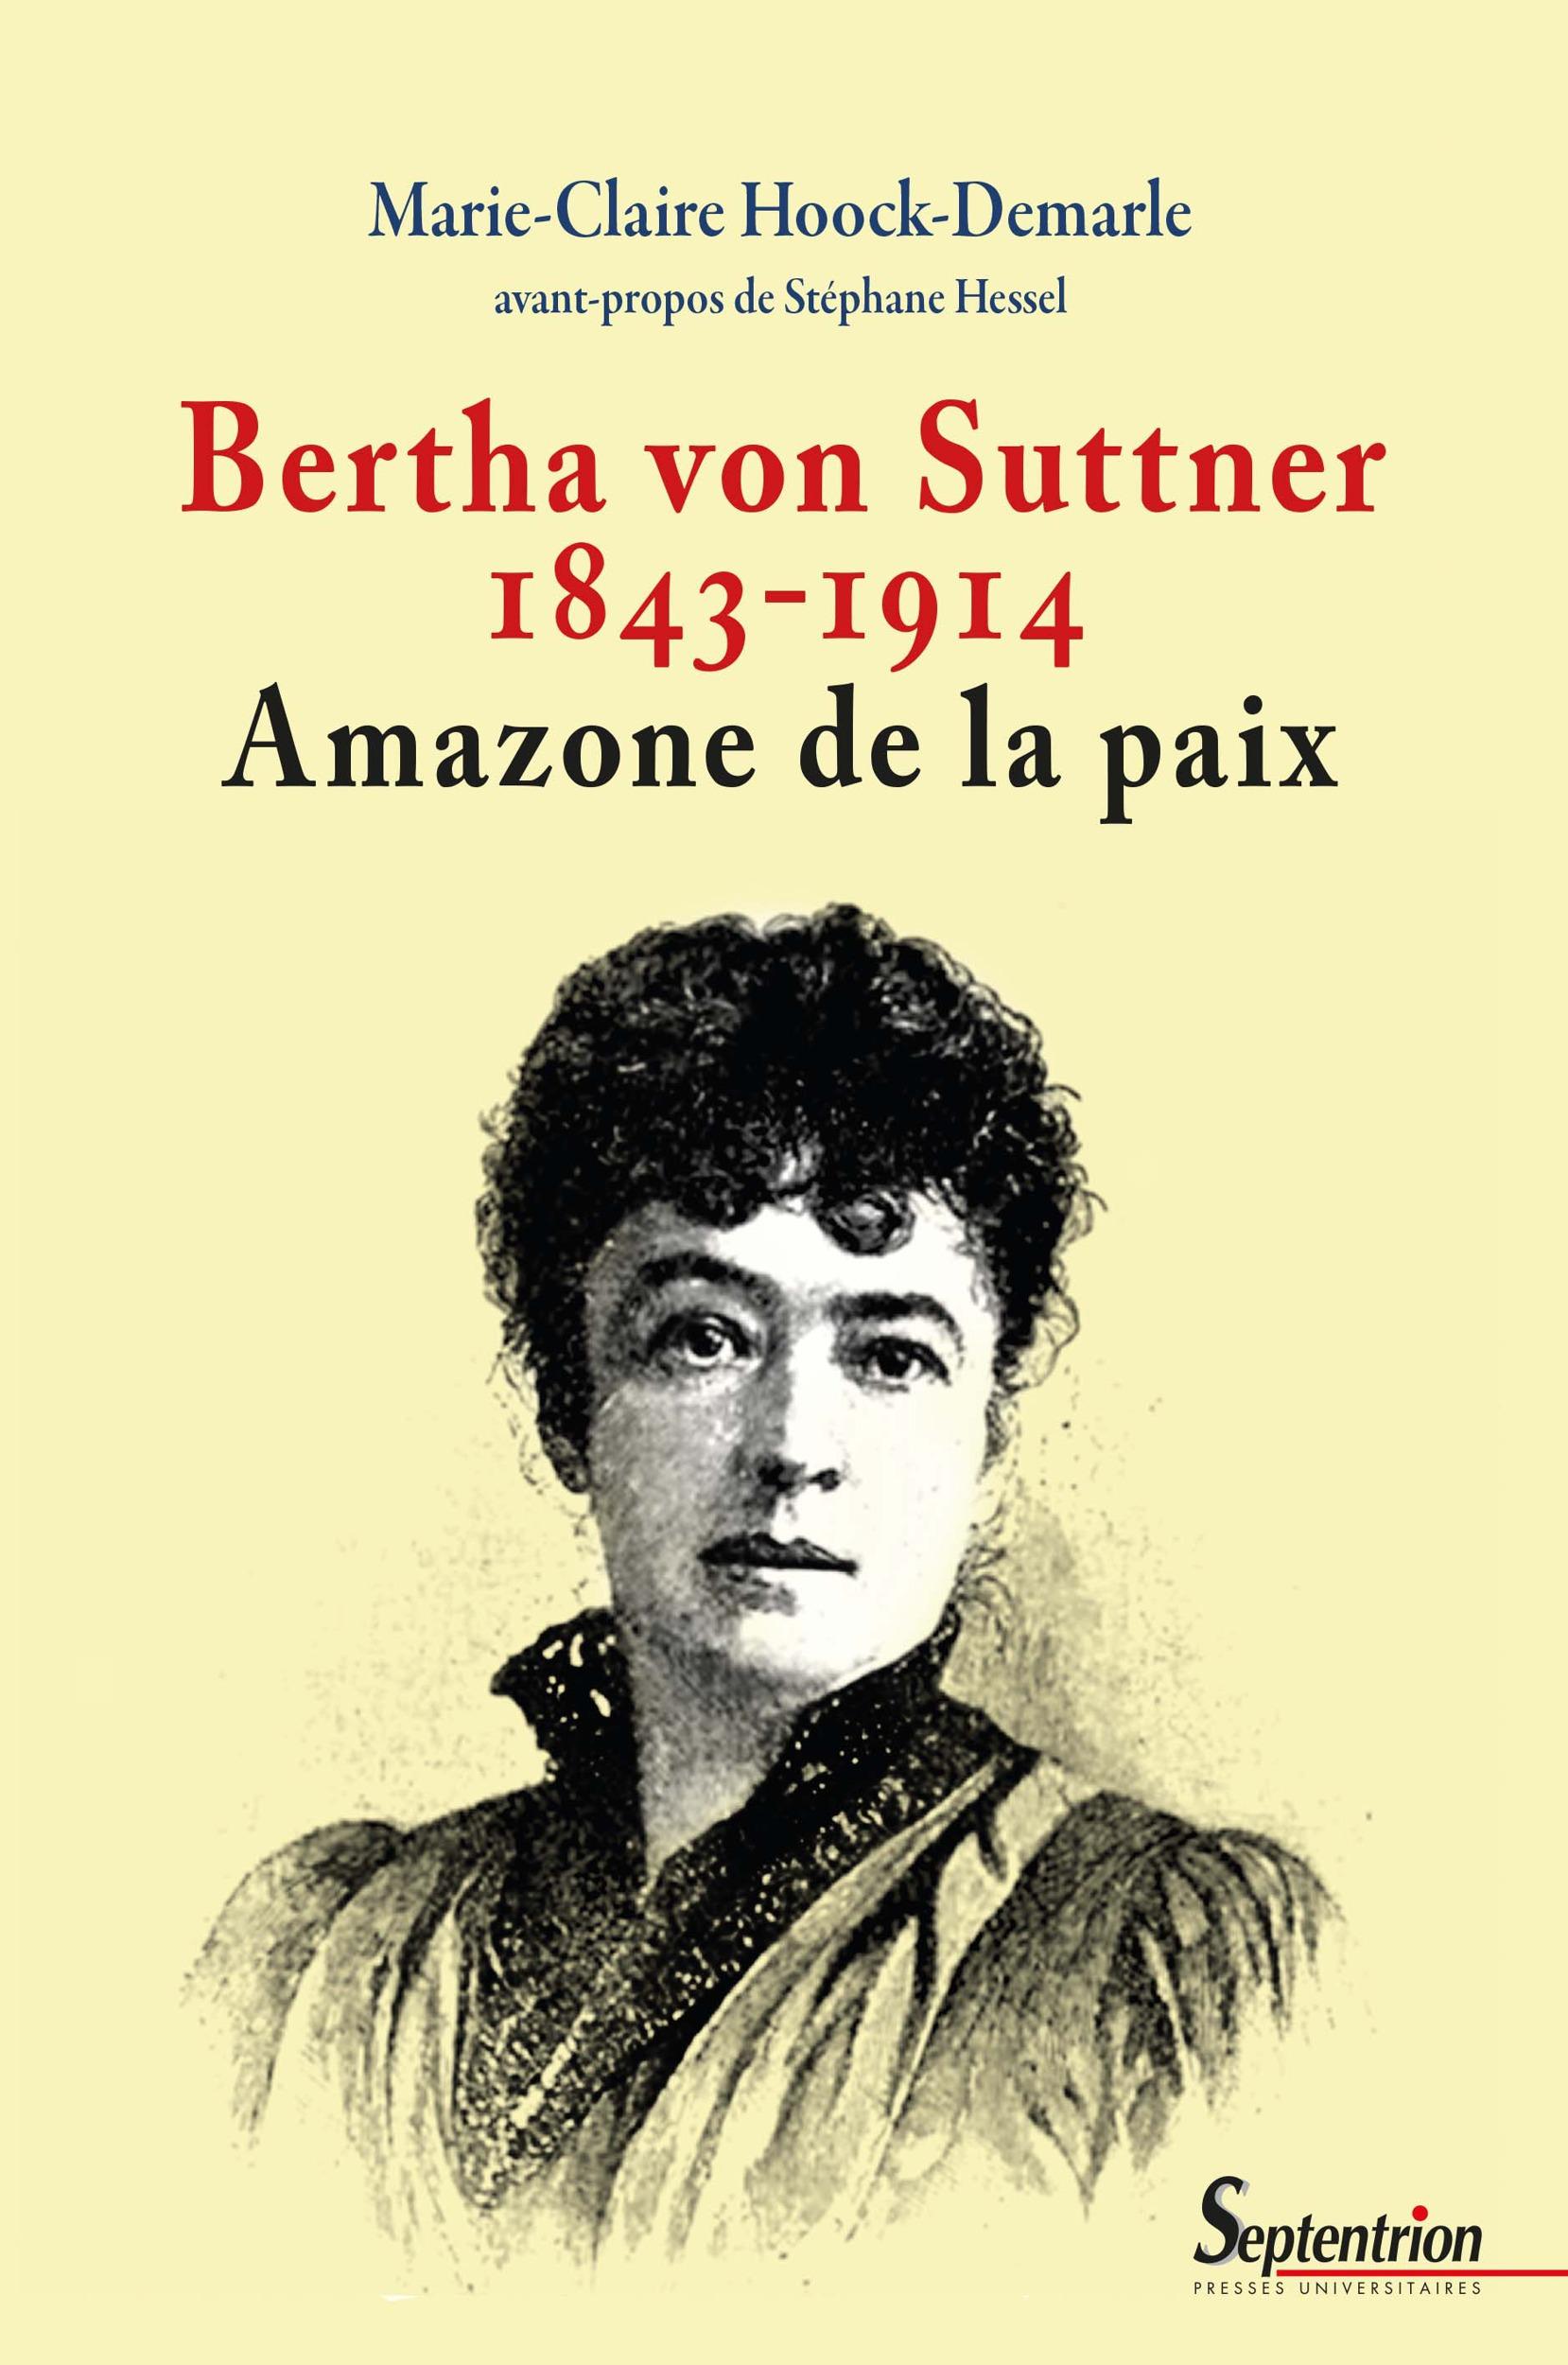 Marie-Claire Hoock-Demarle Bertha von Suttner 1843-1914